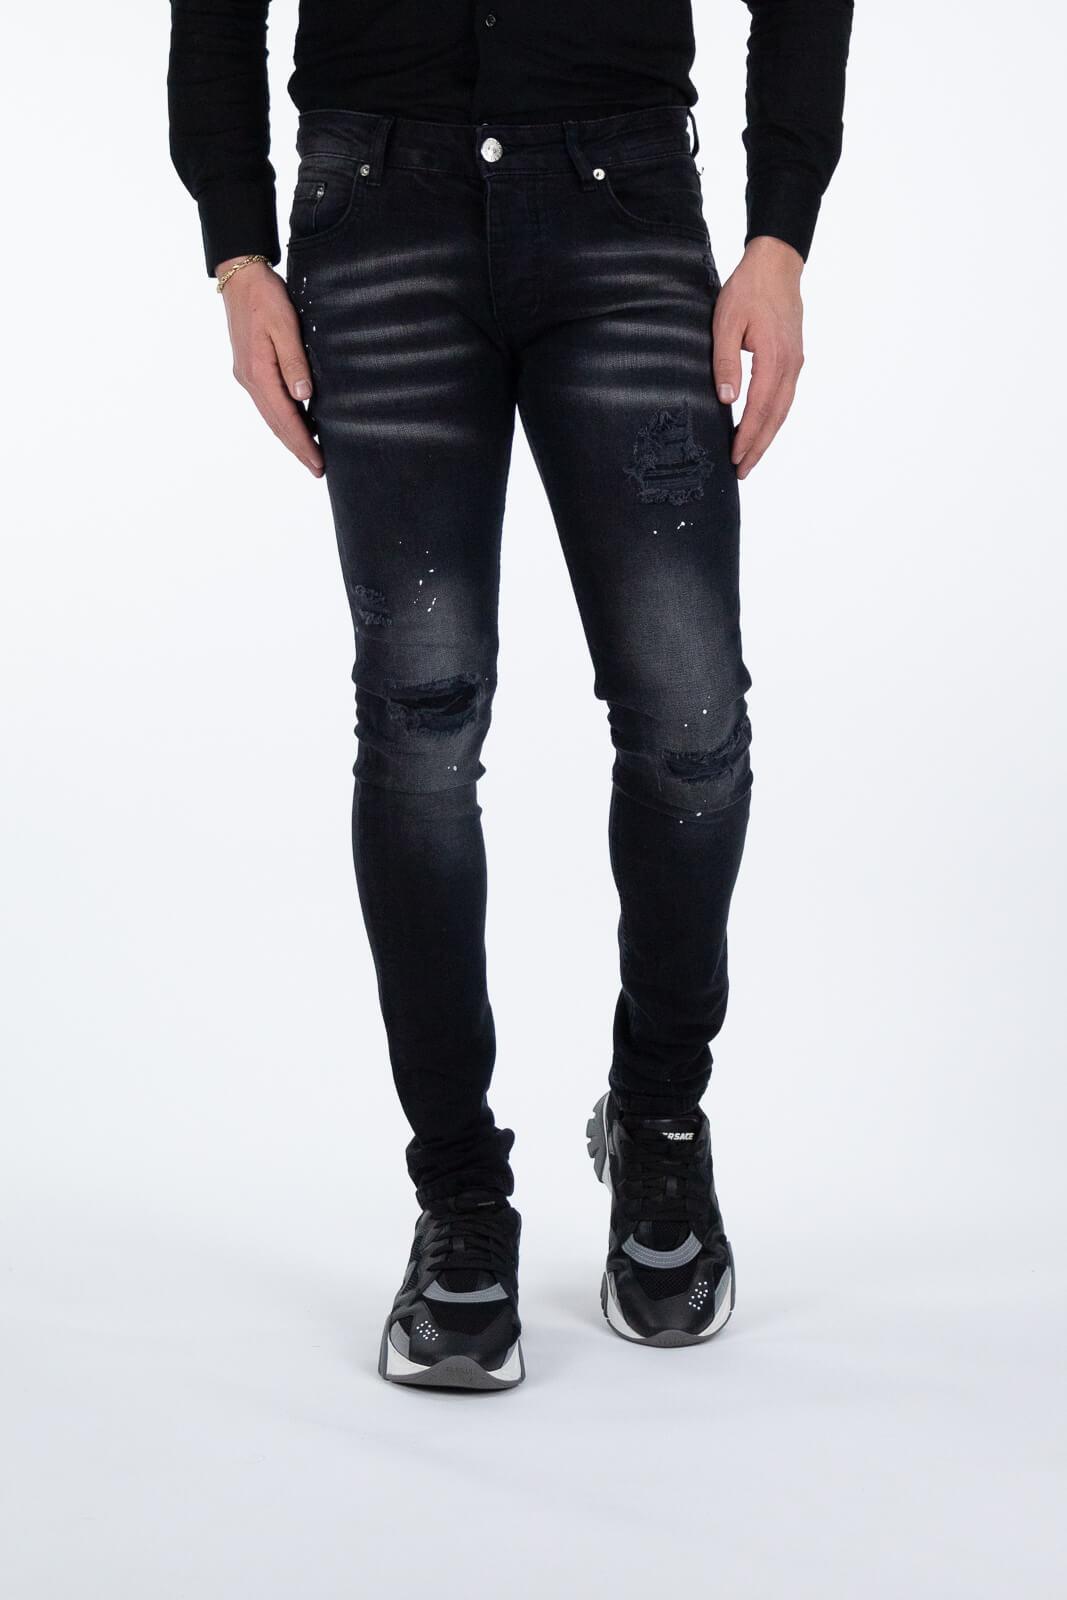 Lima-Noir-Jeans-1